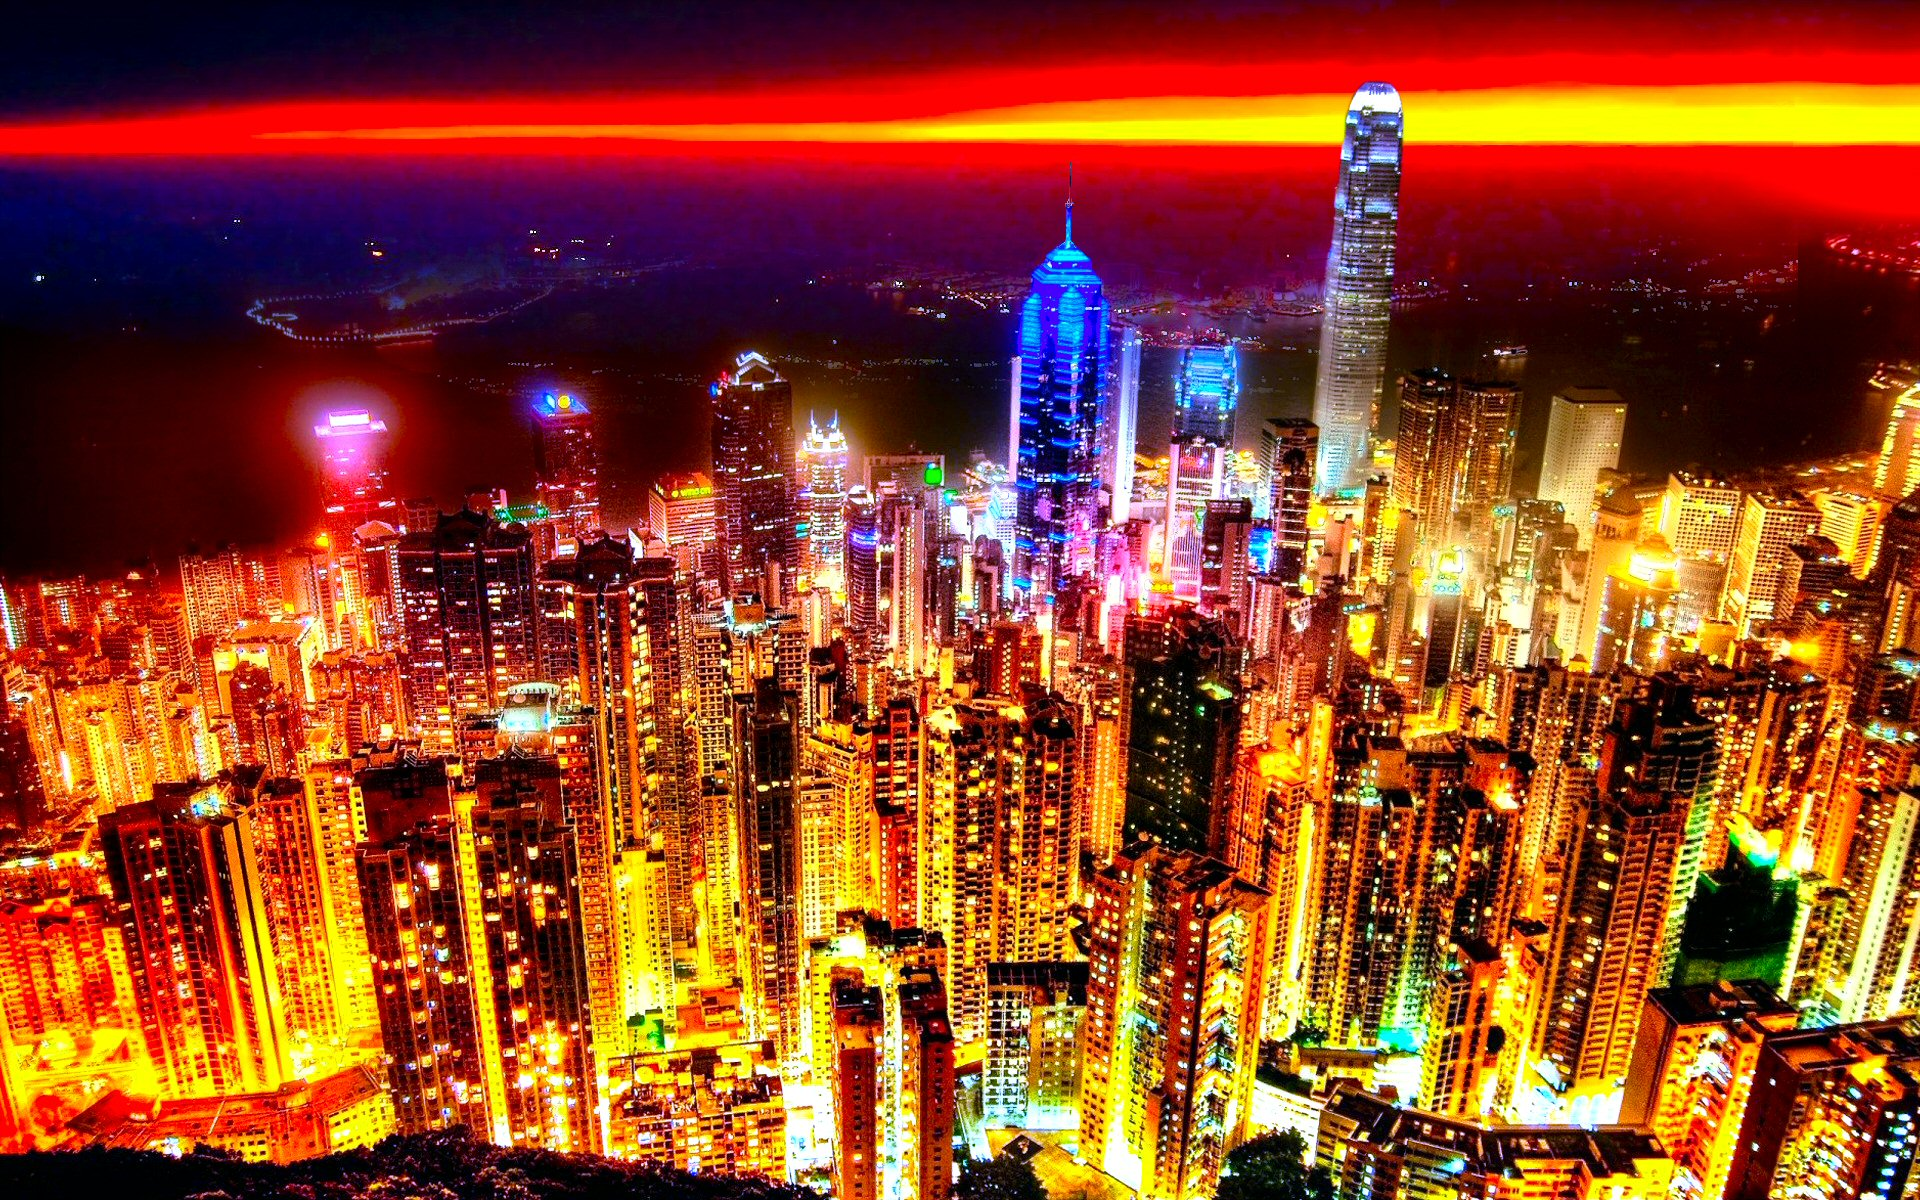 крутые картинки ночного города узнать сколько